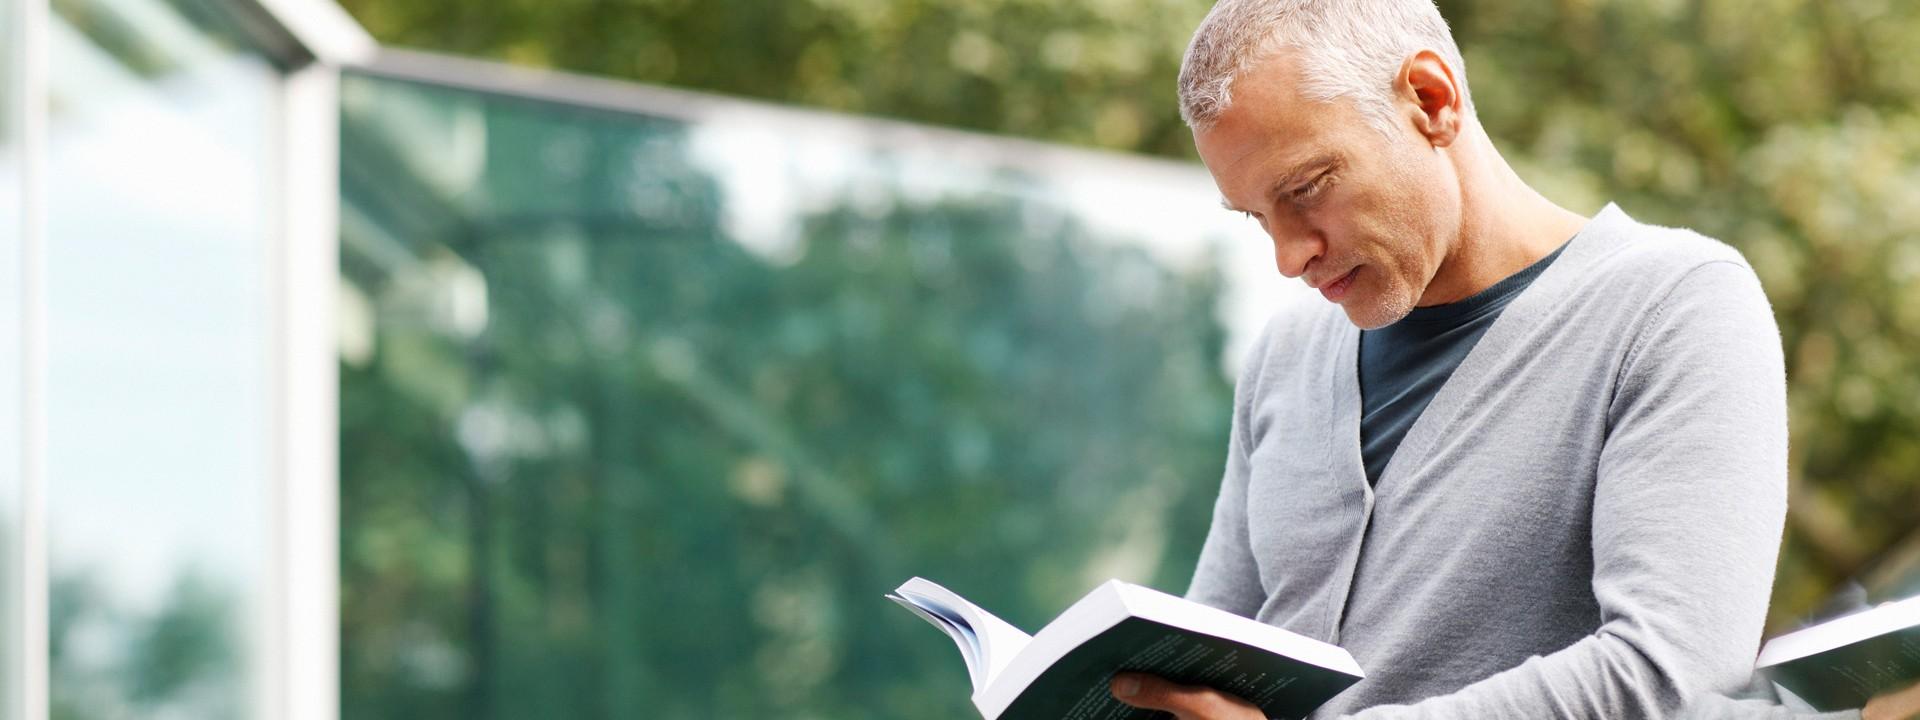 Ein Mann steht an einem Geländer und liest ein Buch.